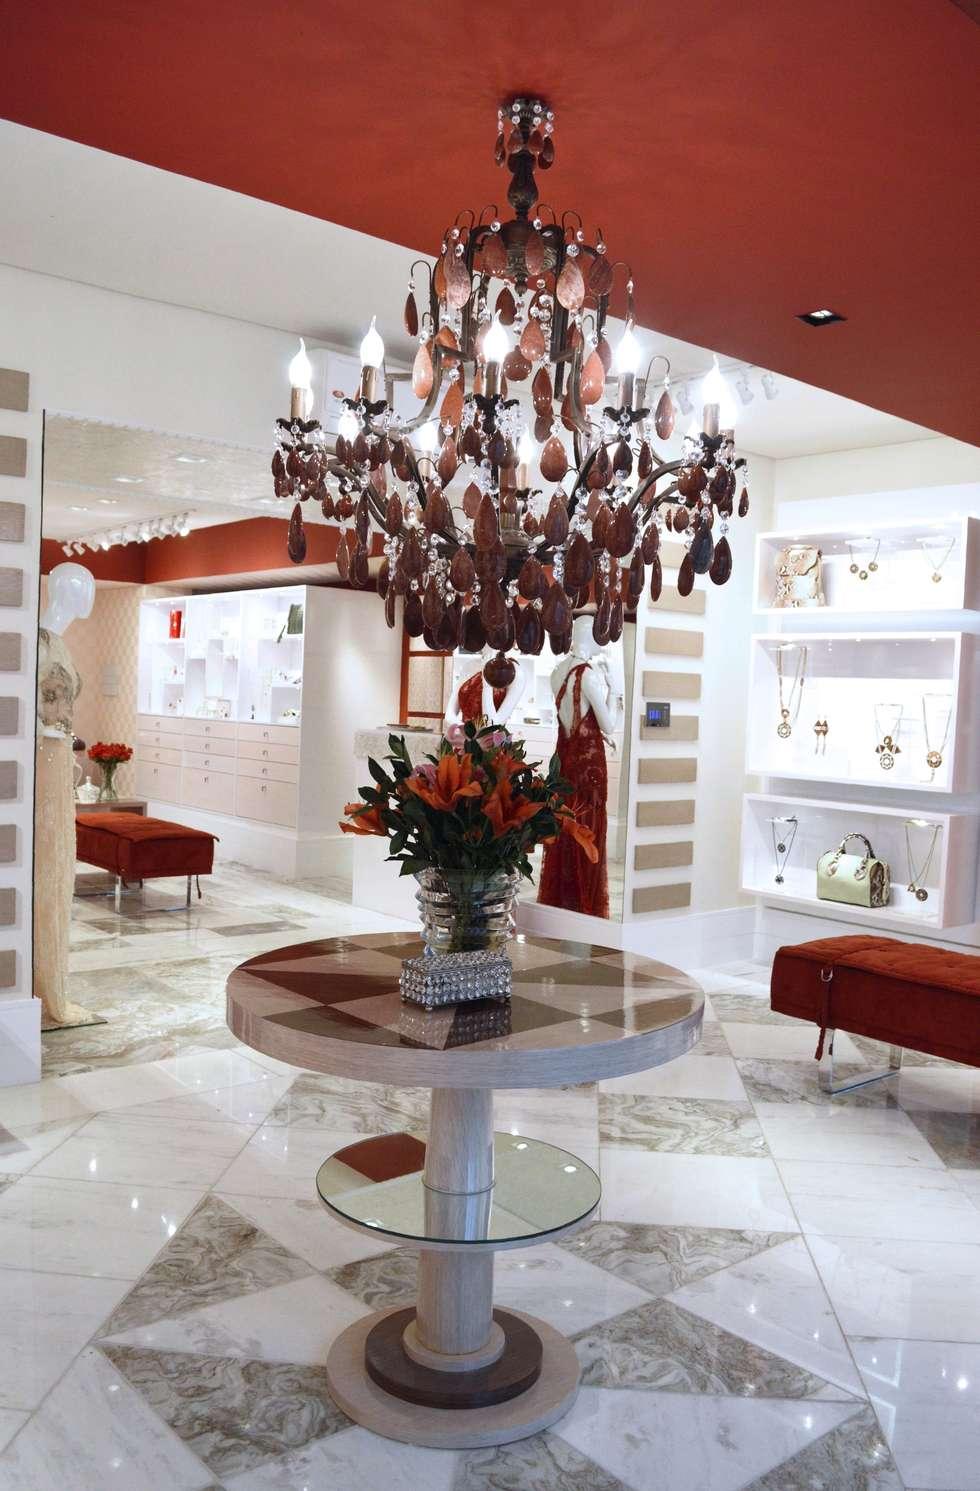 JOALHERIA DESIGN - CASA COR SP 2015 - BRASIL - Mesa em Marchetaria: Lojas e imóveis comerciais  por Adriana Scartaris design e interiores